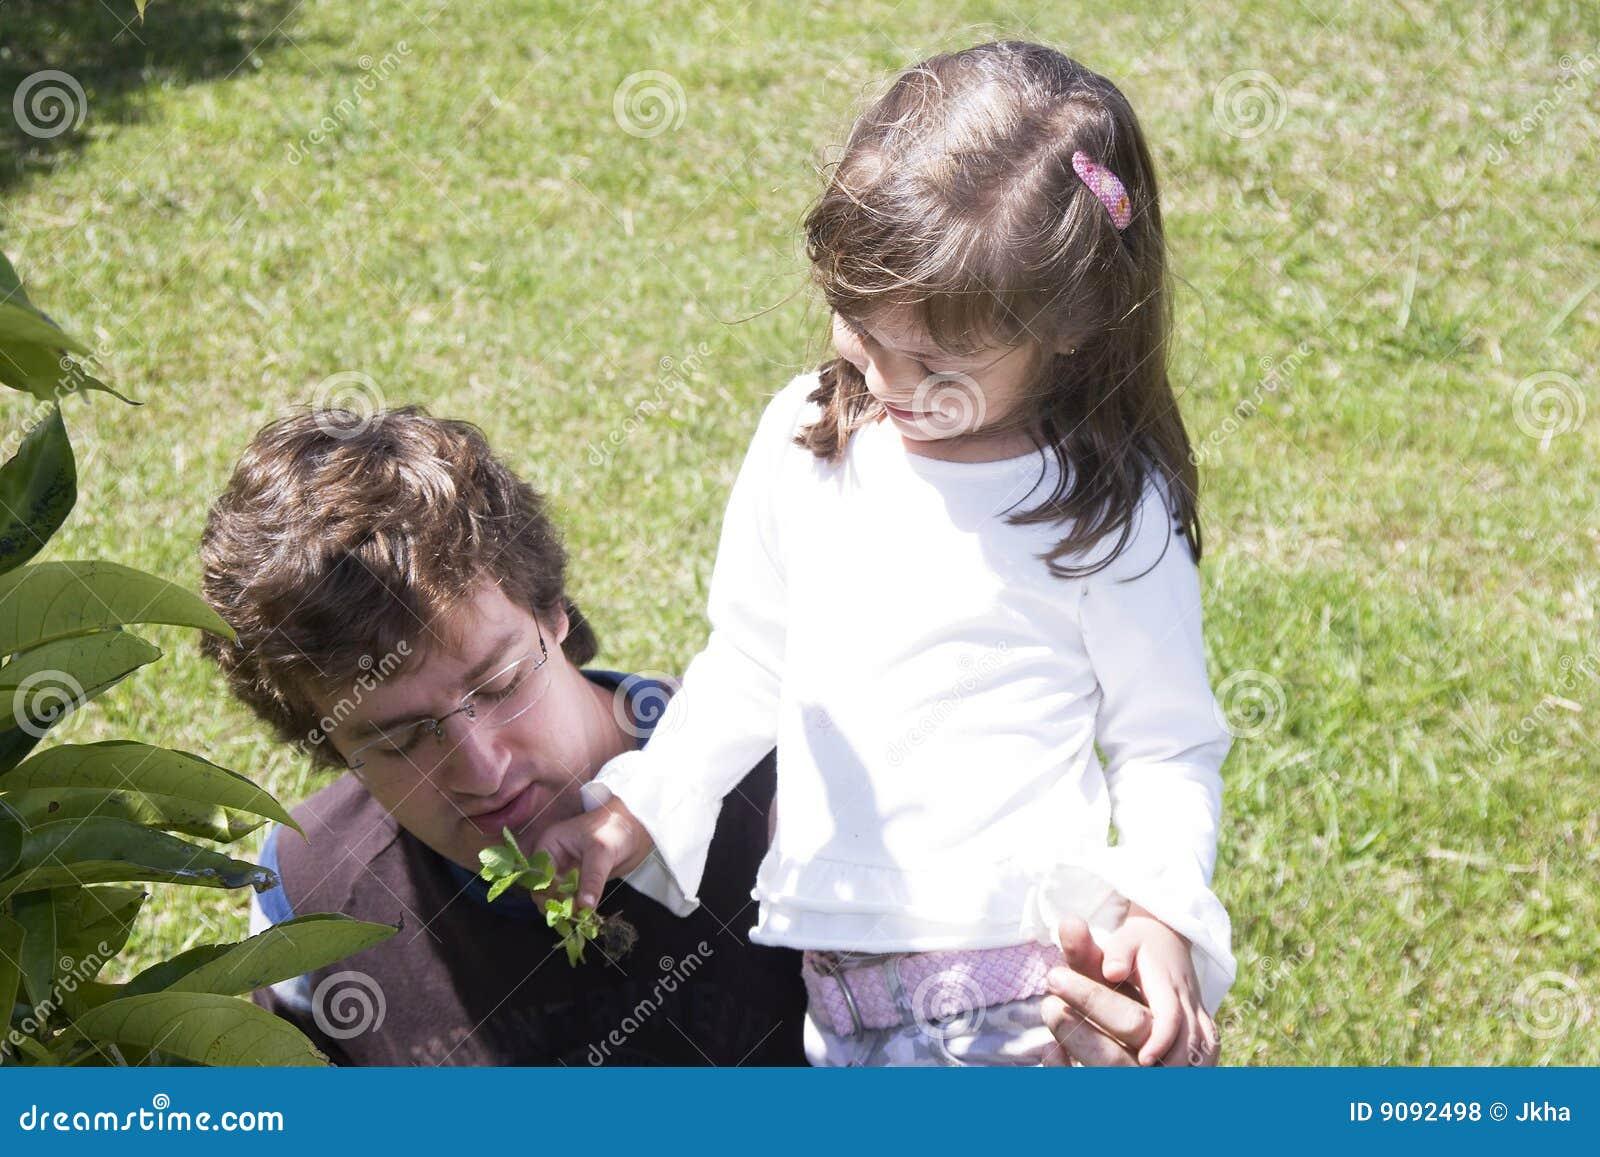 Vati, der mit seiner Tochter im Freien spielt